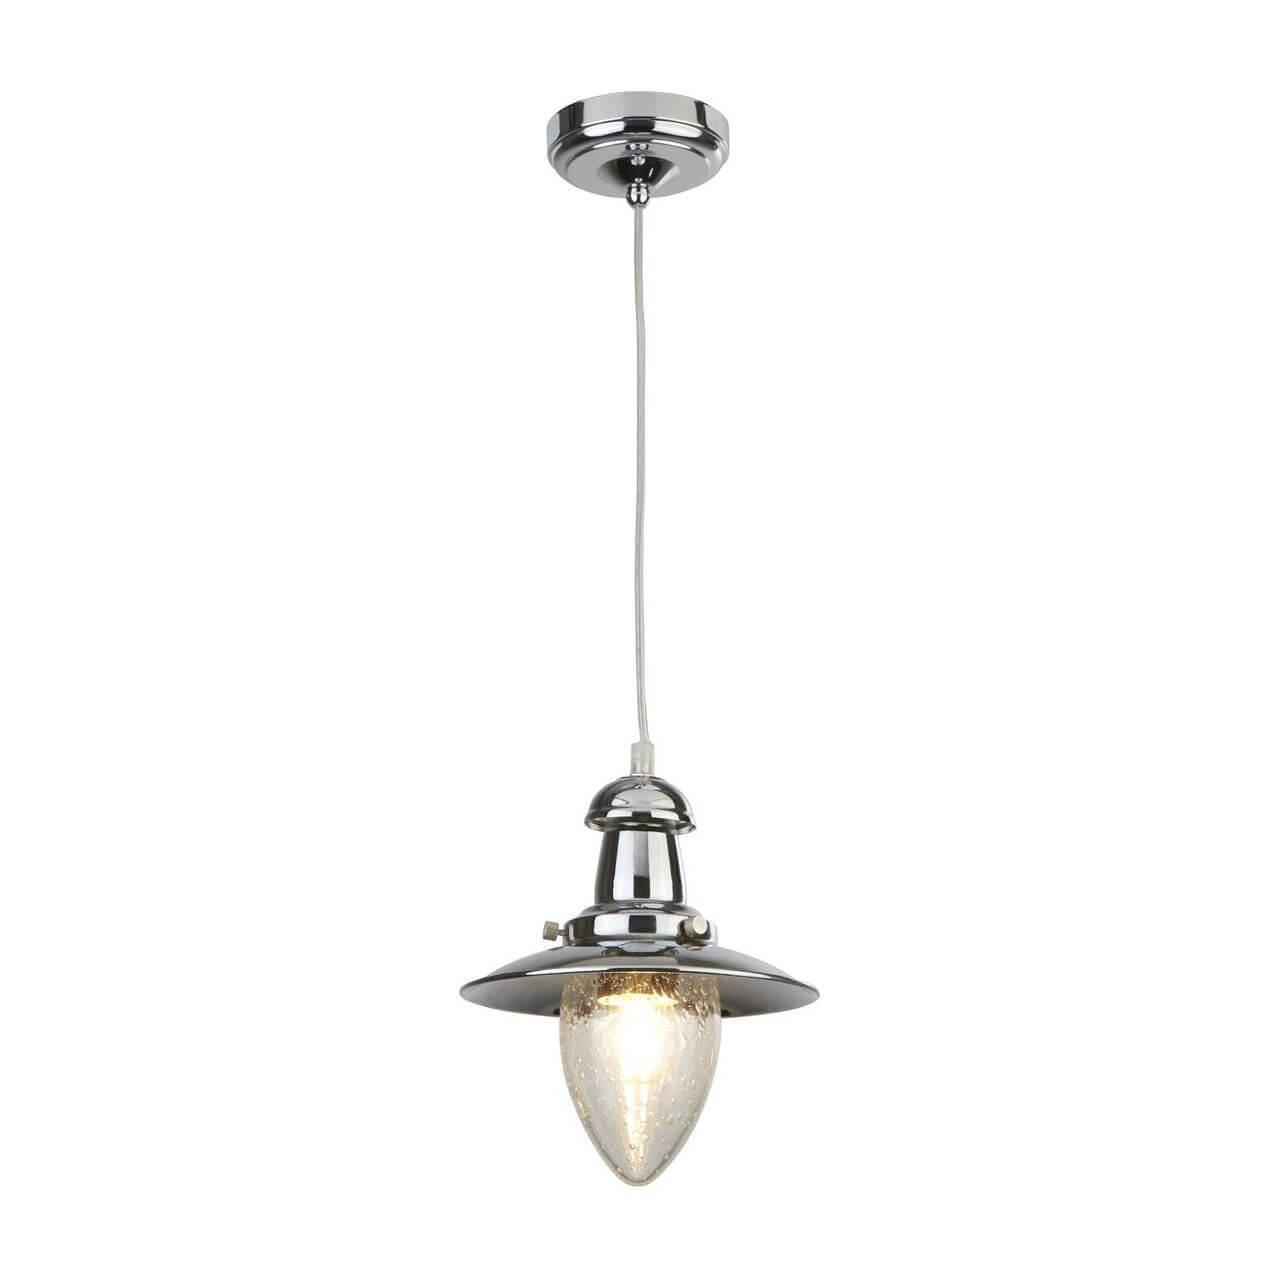 Подвесной светильник Arte Lamp A5518SP-1CC подвесной светильник коллекция rimini a1091sp 1cc хром прозрачный arte lamp арте ламп